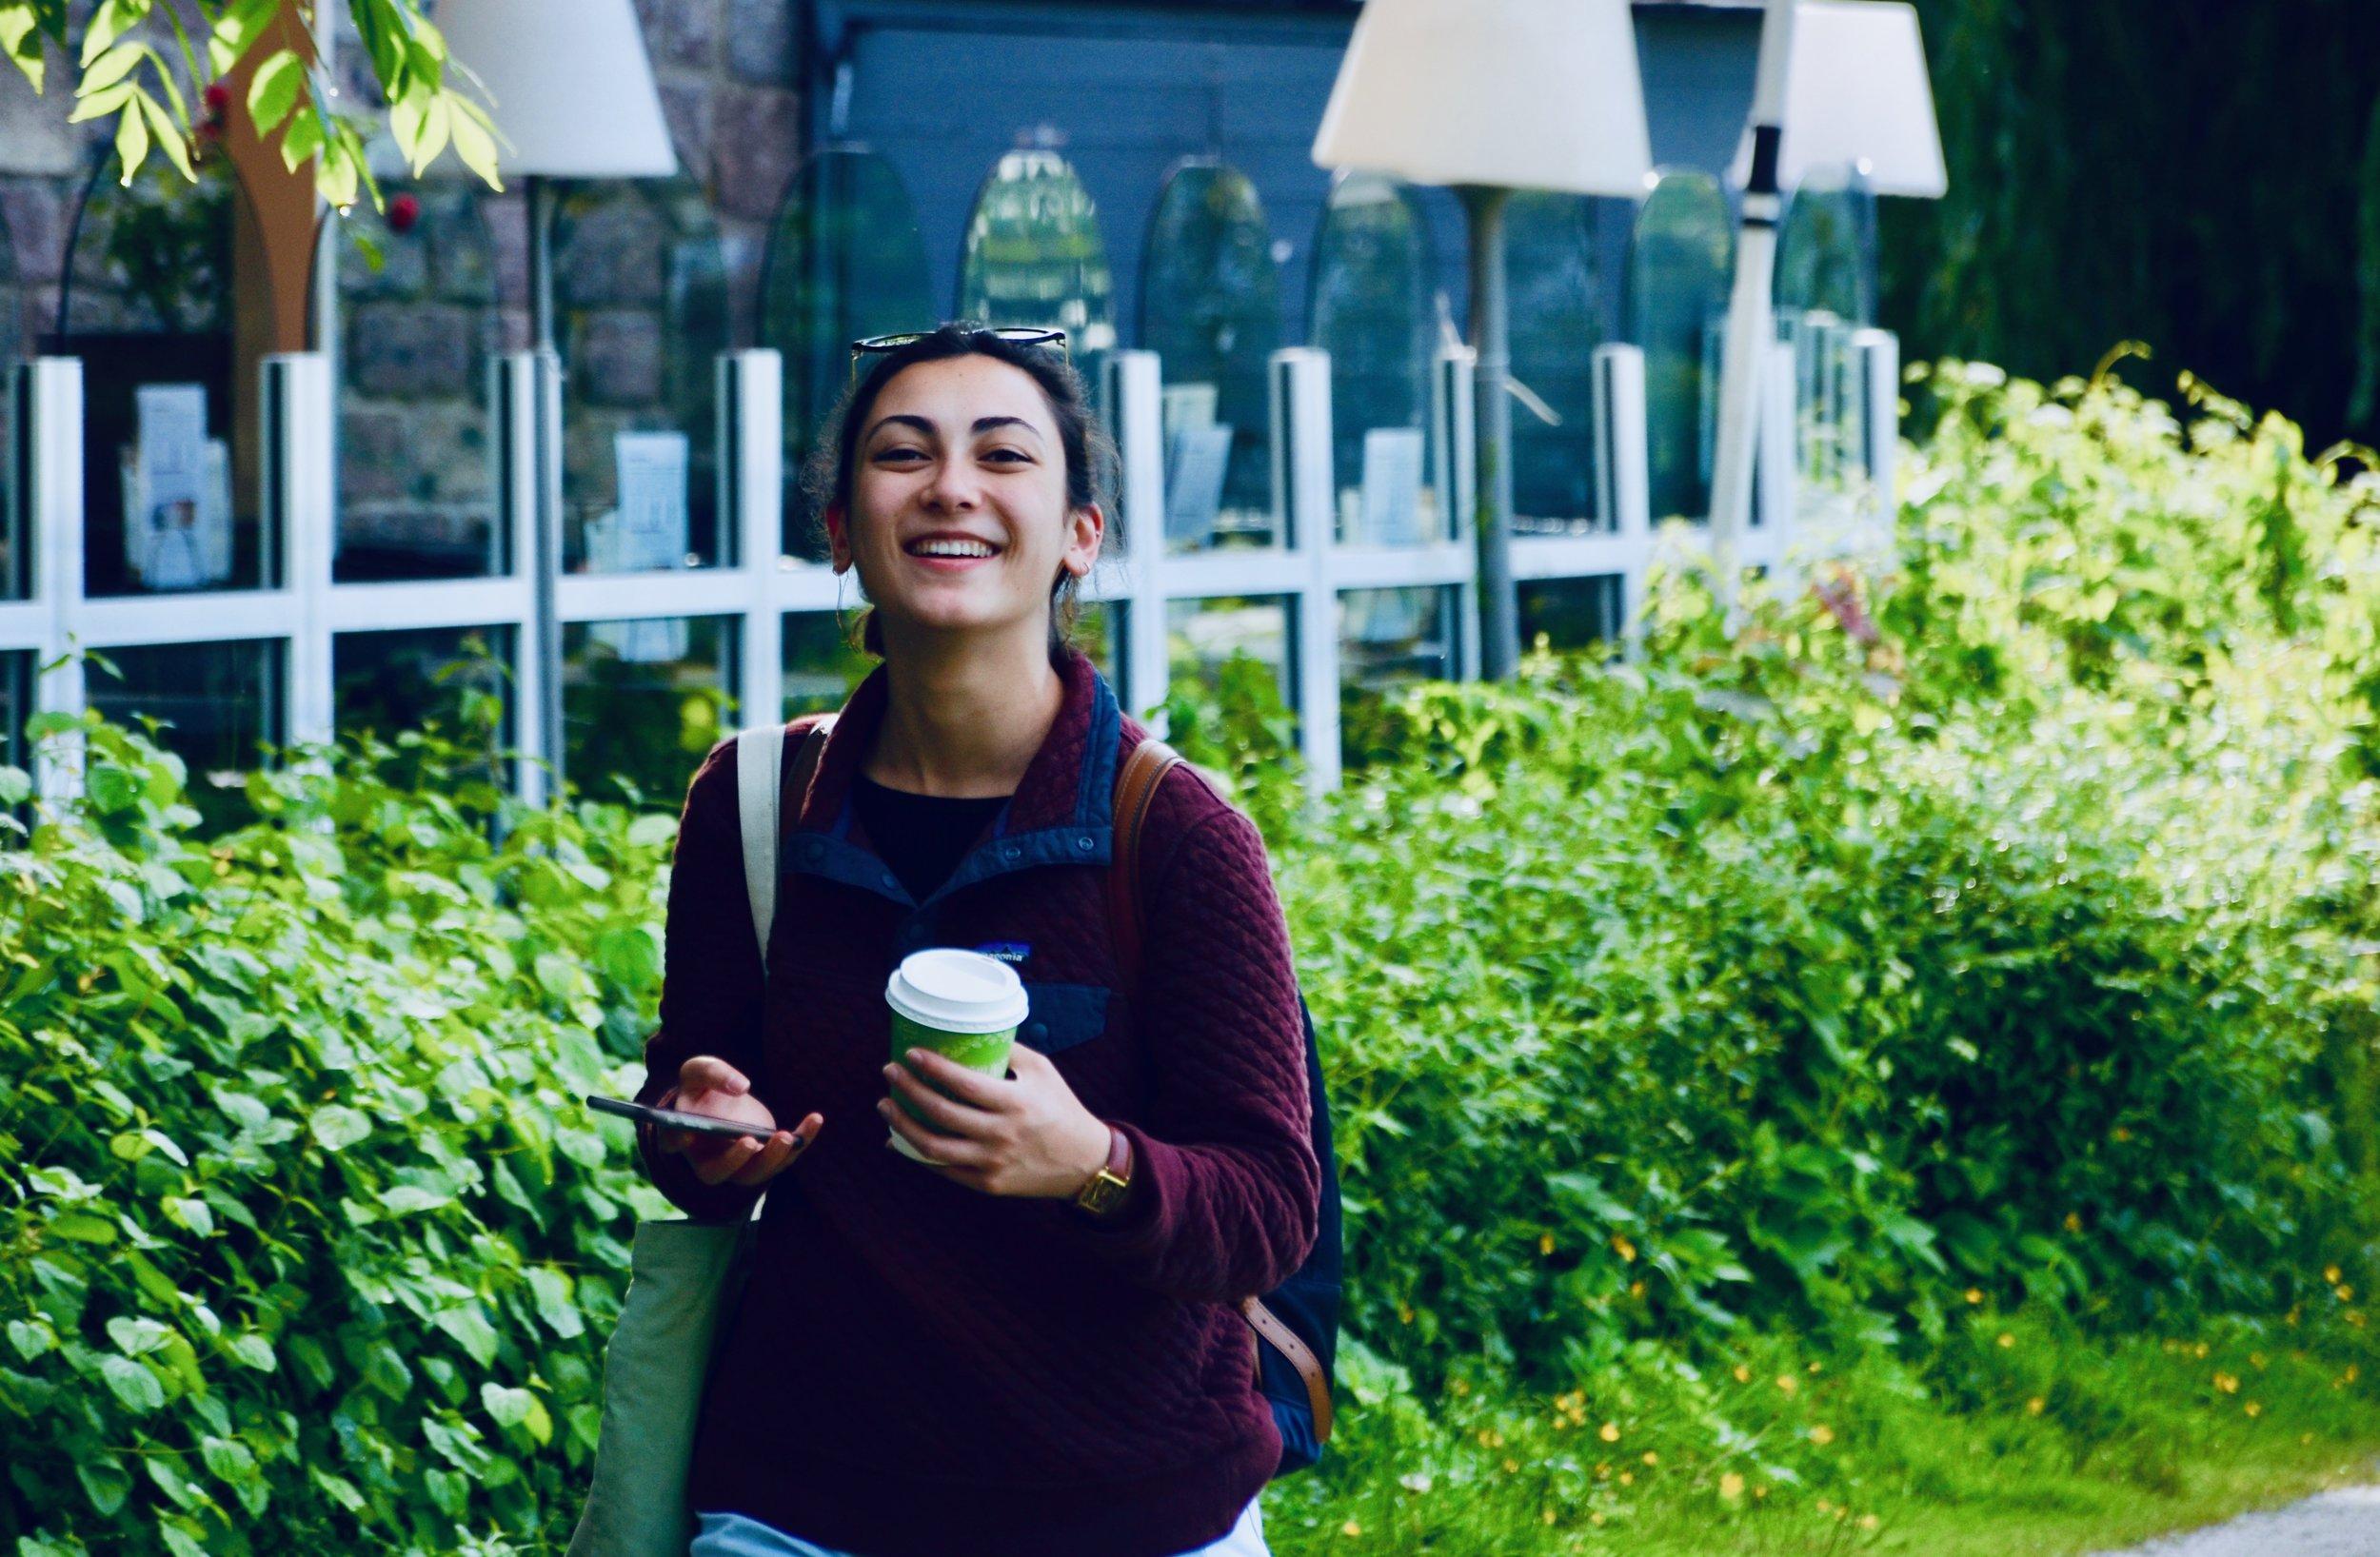 Meg Cutting enjoys a beautiful day in Lübeck.